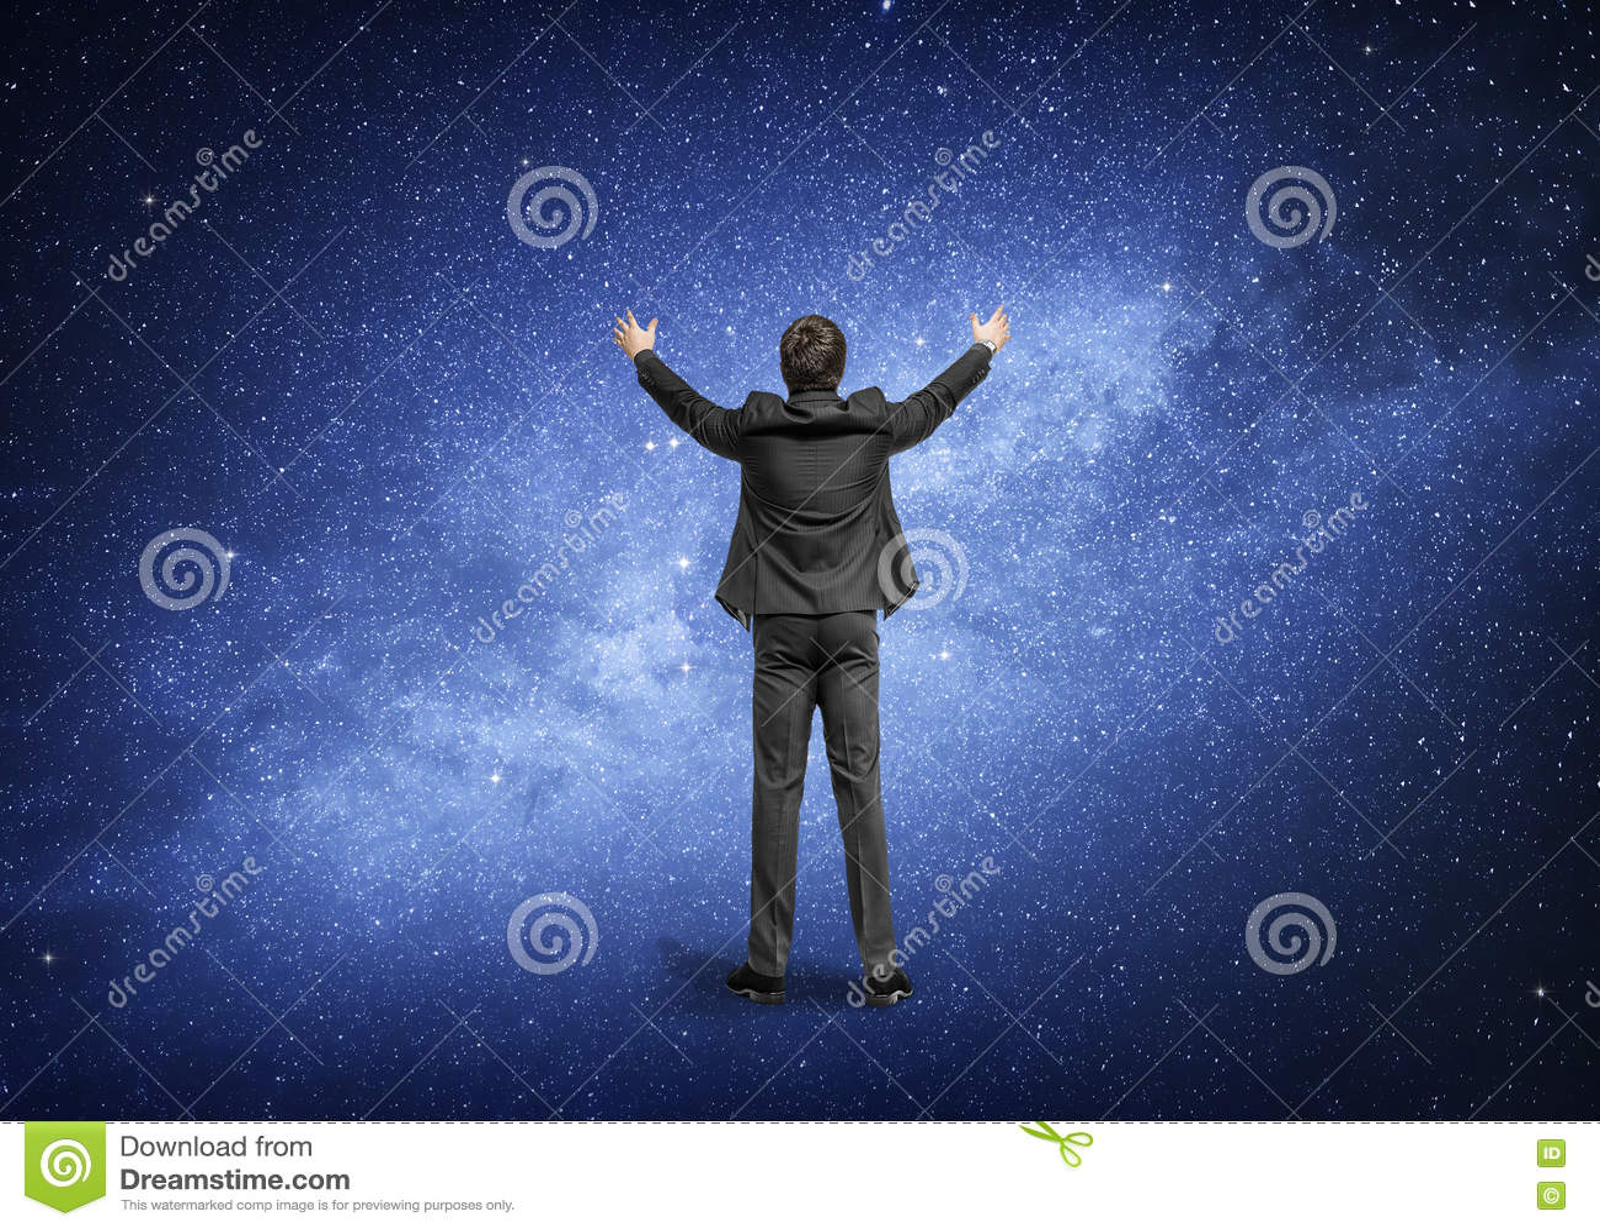 Άτομο που στέκεται στο υπόβαθρο του νυχτερινού ουρανού, ο γαλακτώδης γαλαξίας τρόπων